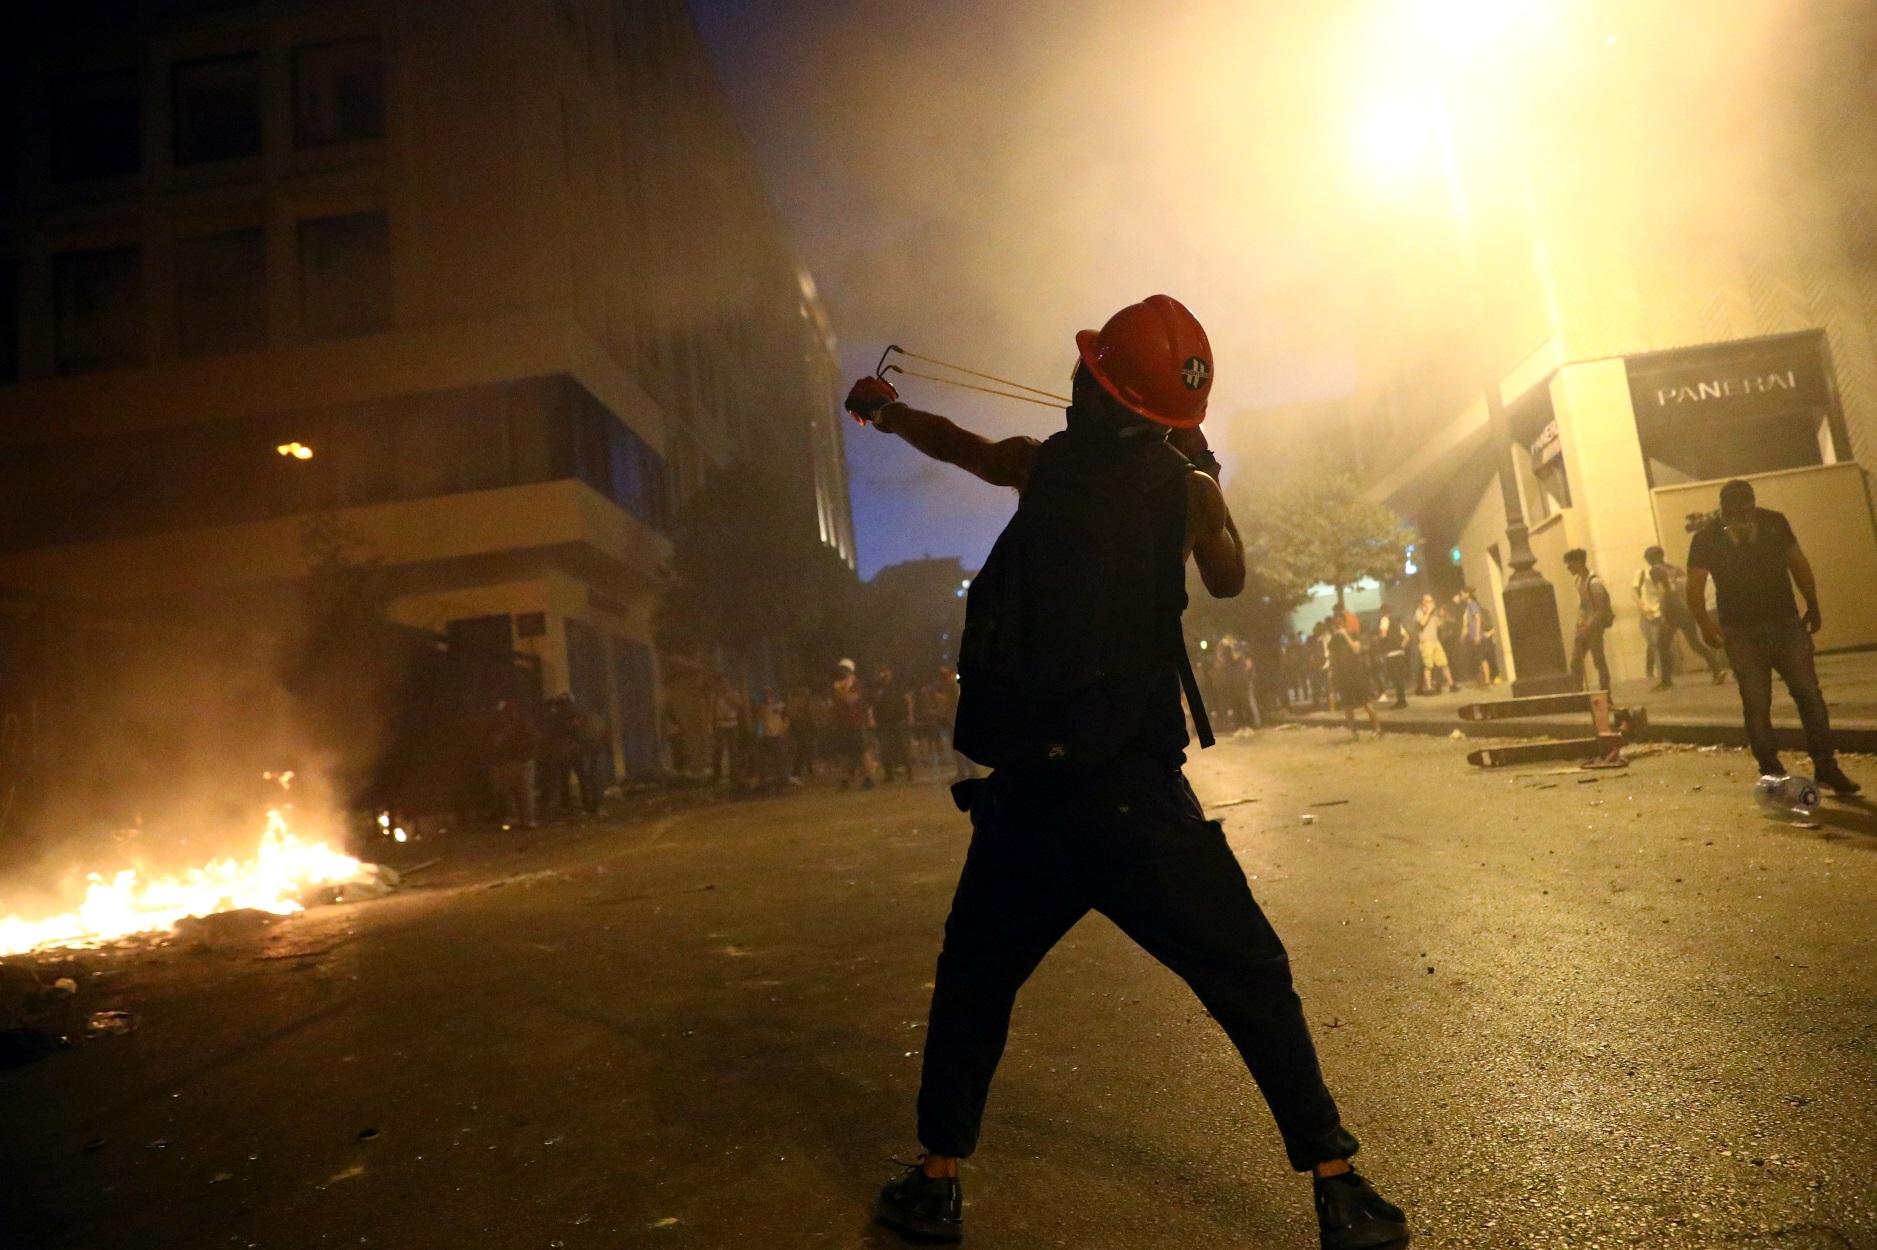 Βηρυτός: Φωτιές και οδομαχίες γύρω από το Κοινοβούλιο! (pics)